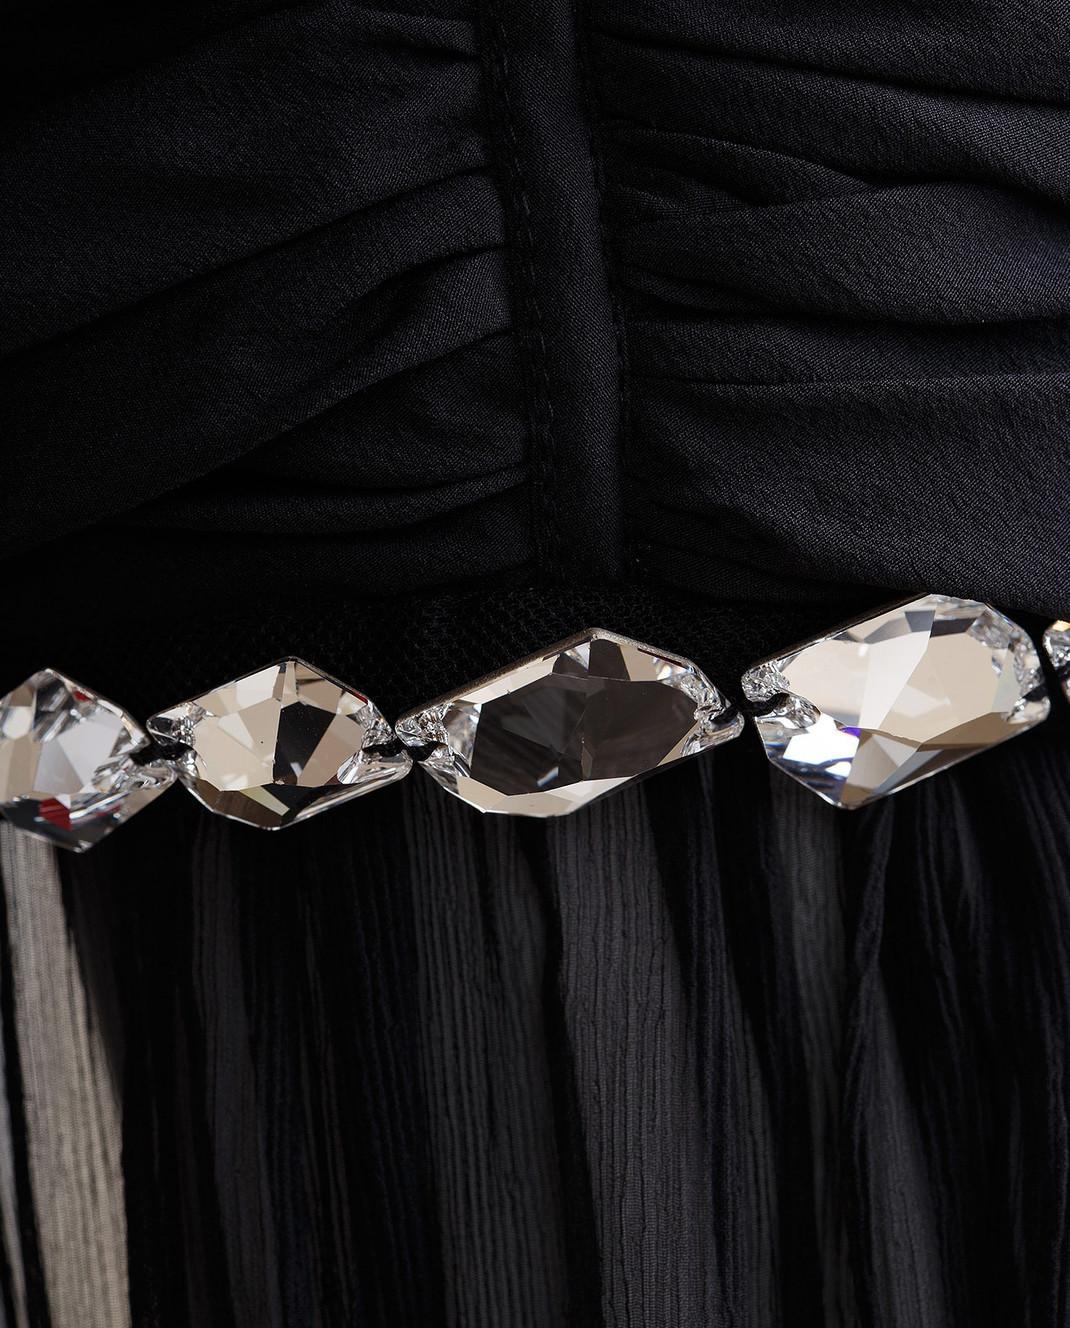 Blumarine Черное платье из драпированного шелка со шлейфом 58456 изображение 5